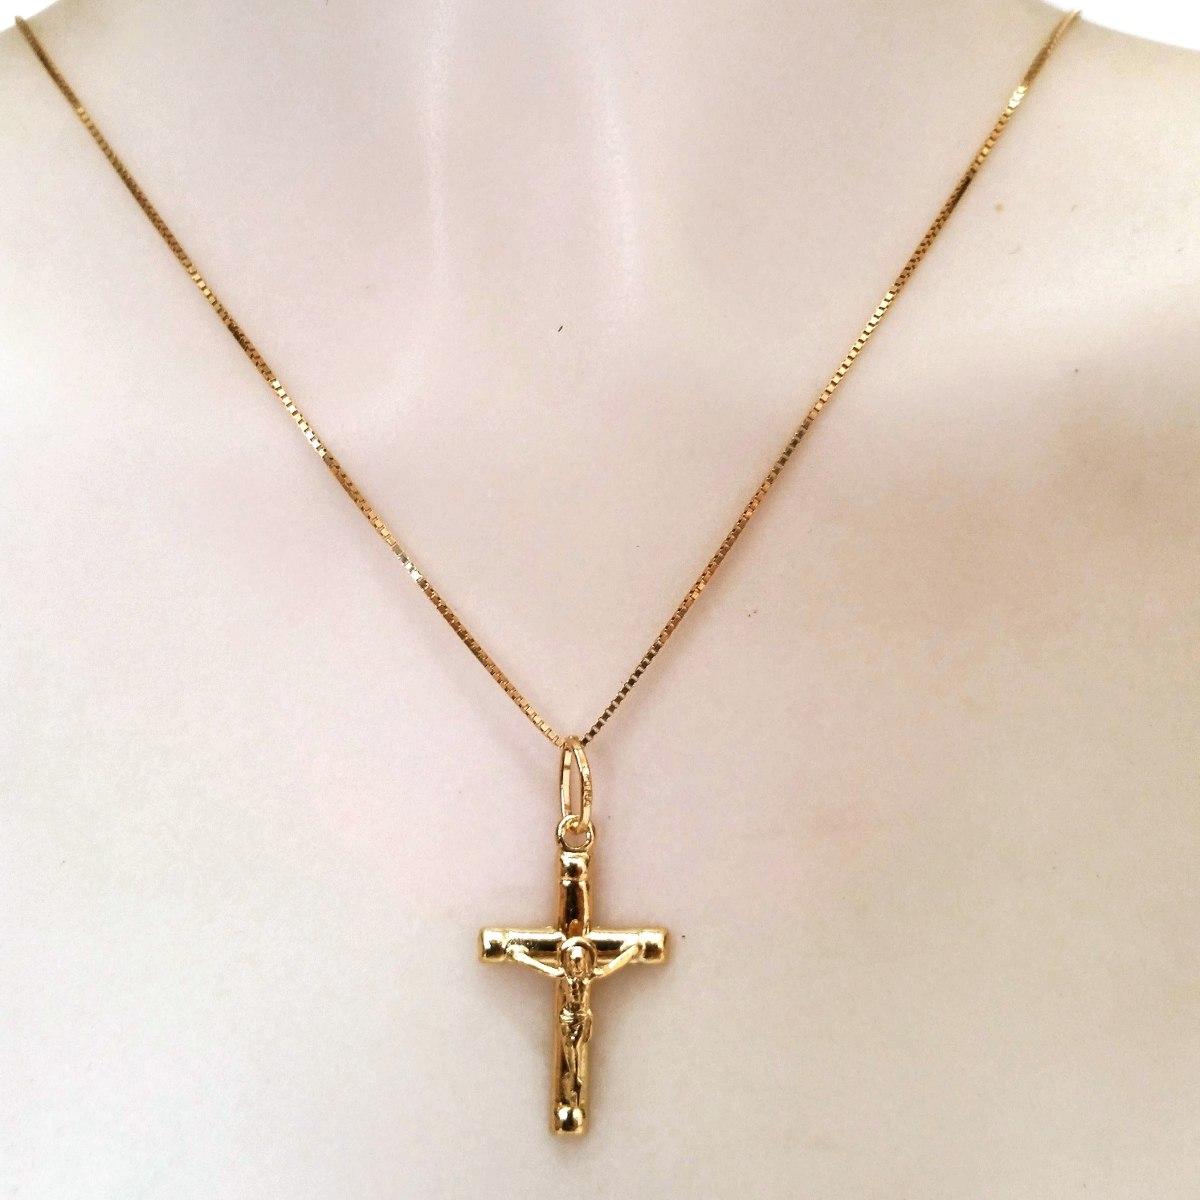 corrente 50 cm pingente crucifixo joia de ouro 18k maciço. Carregando zoom. e3f7243d99